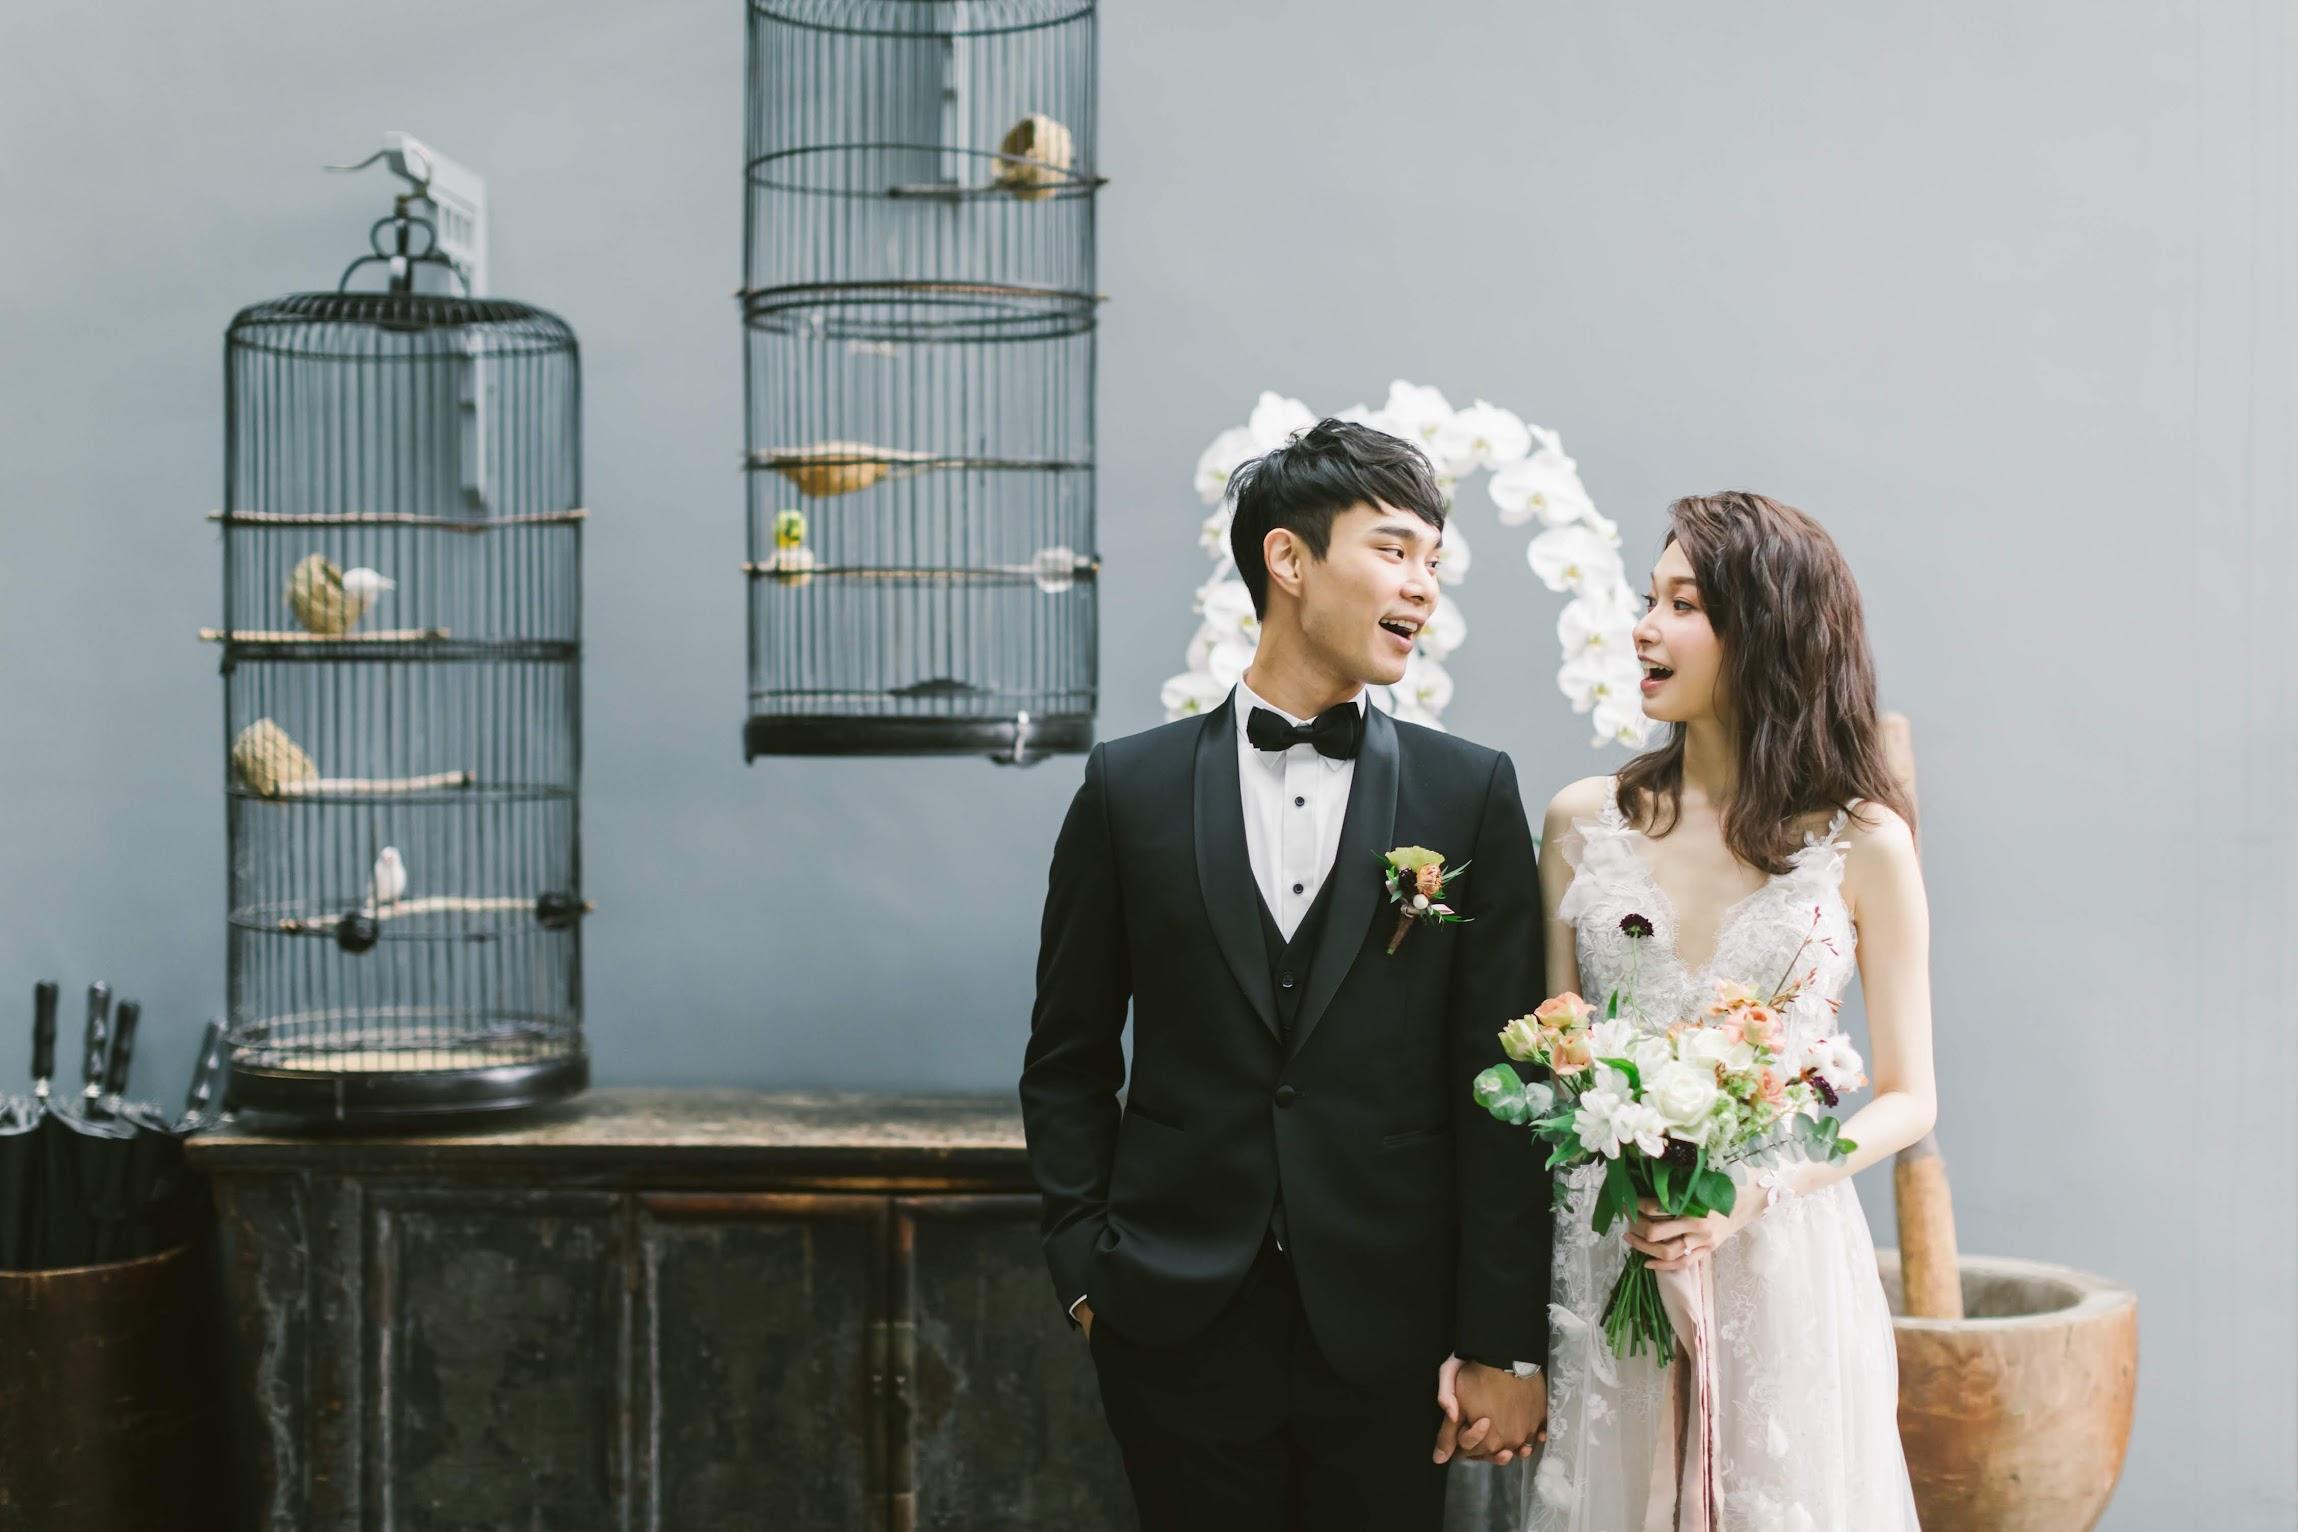 涵碧樓婚禮攝影 - 類婚紗